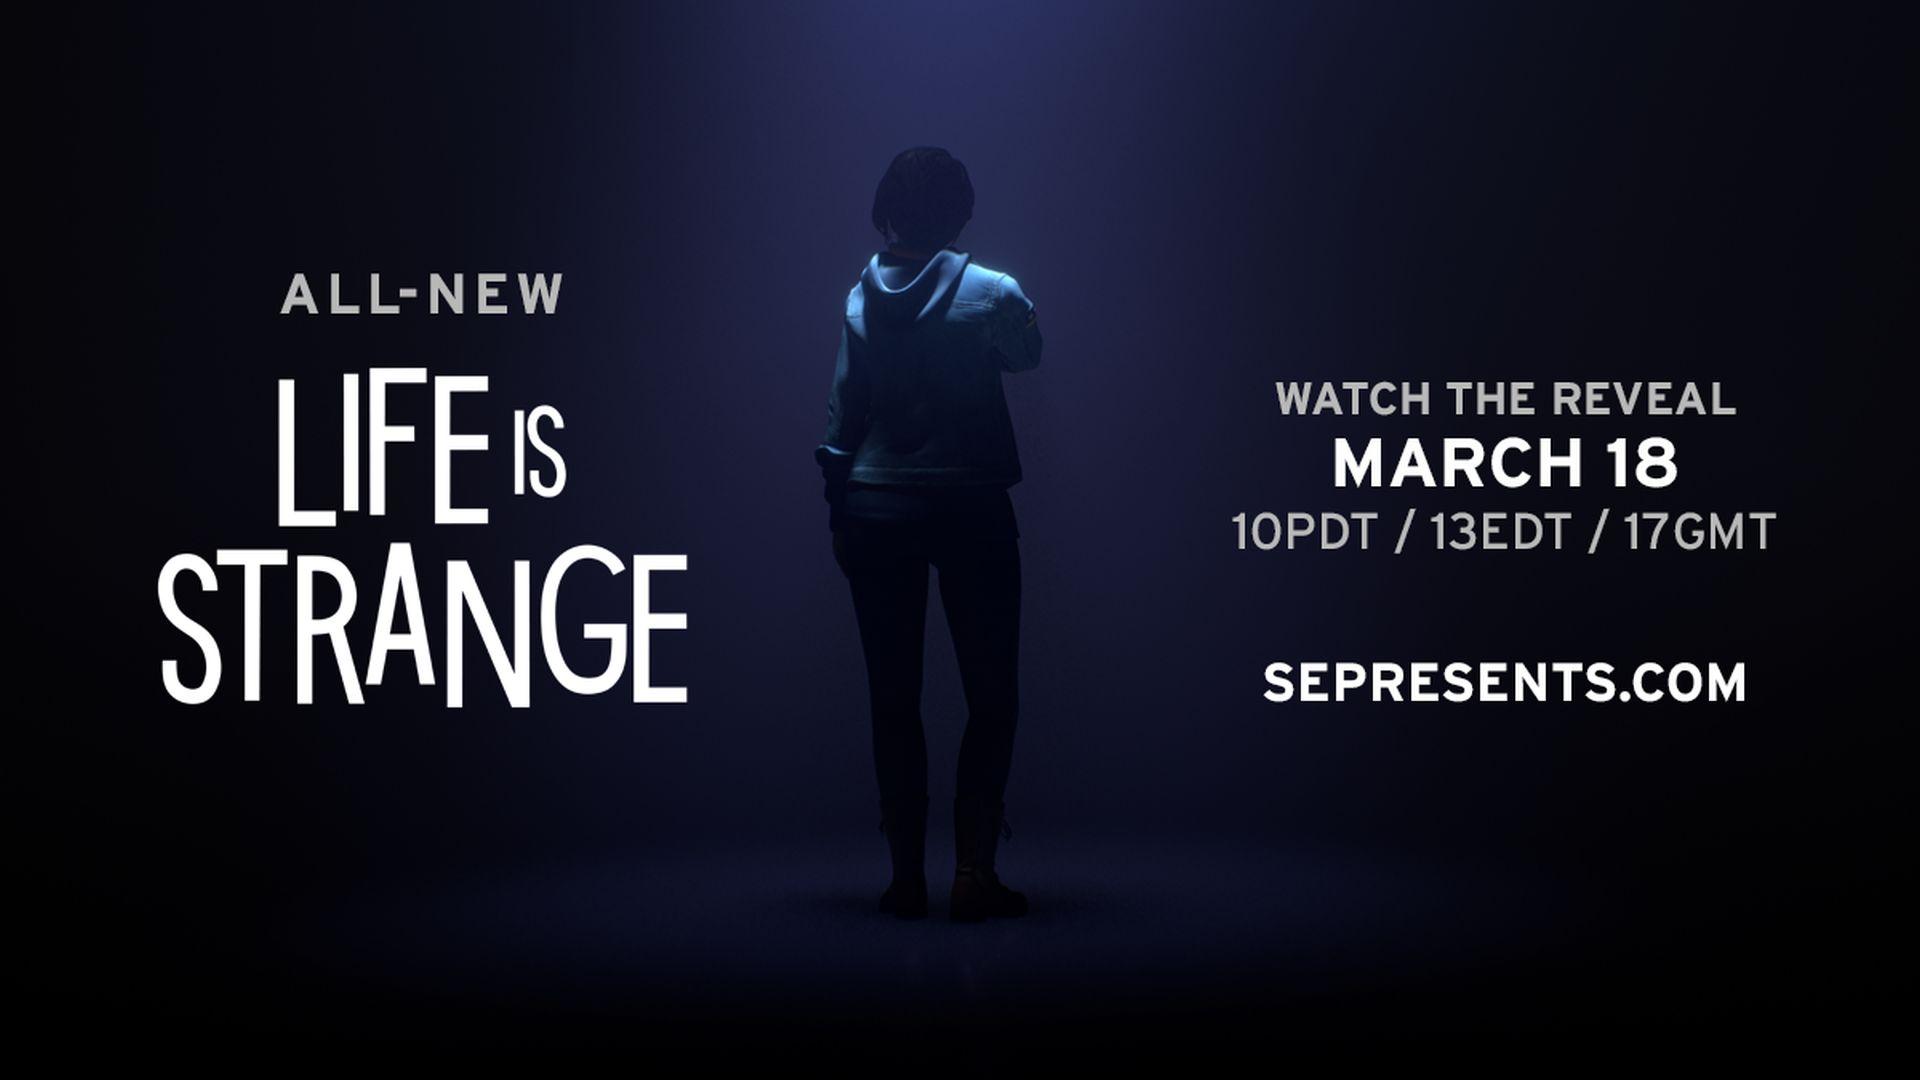 Next Life is Strange